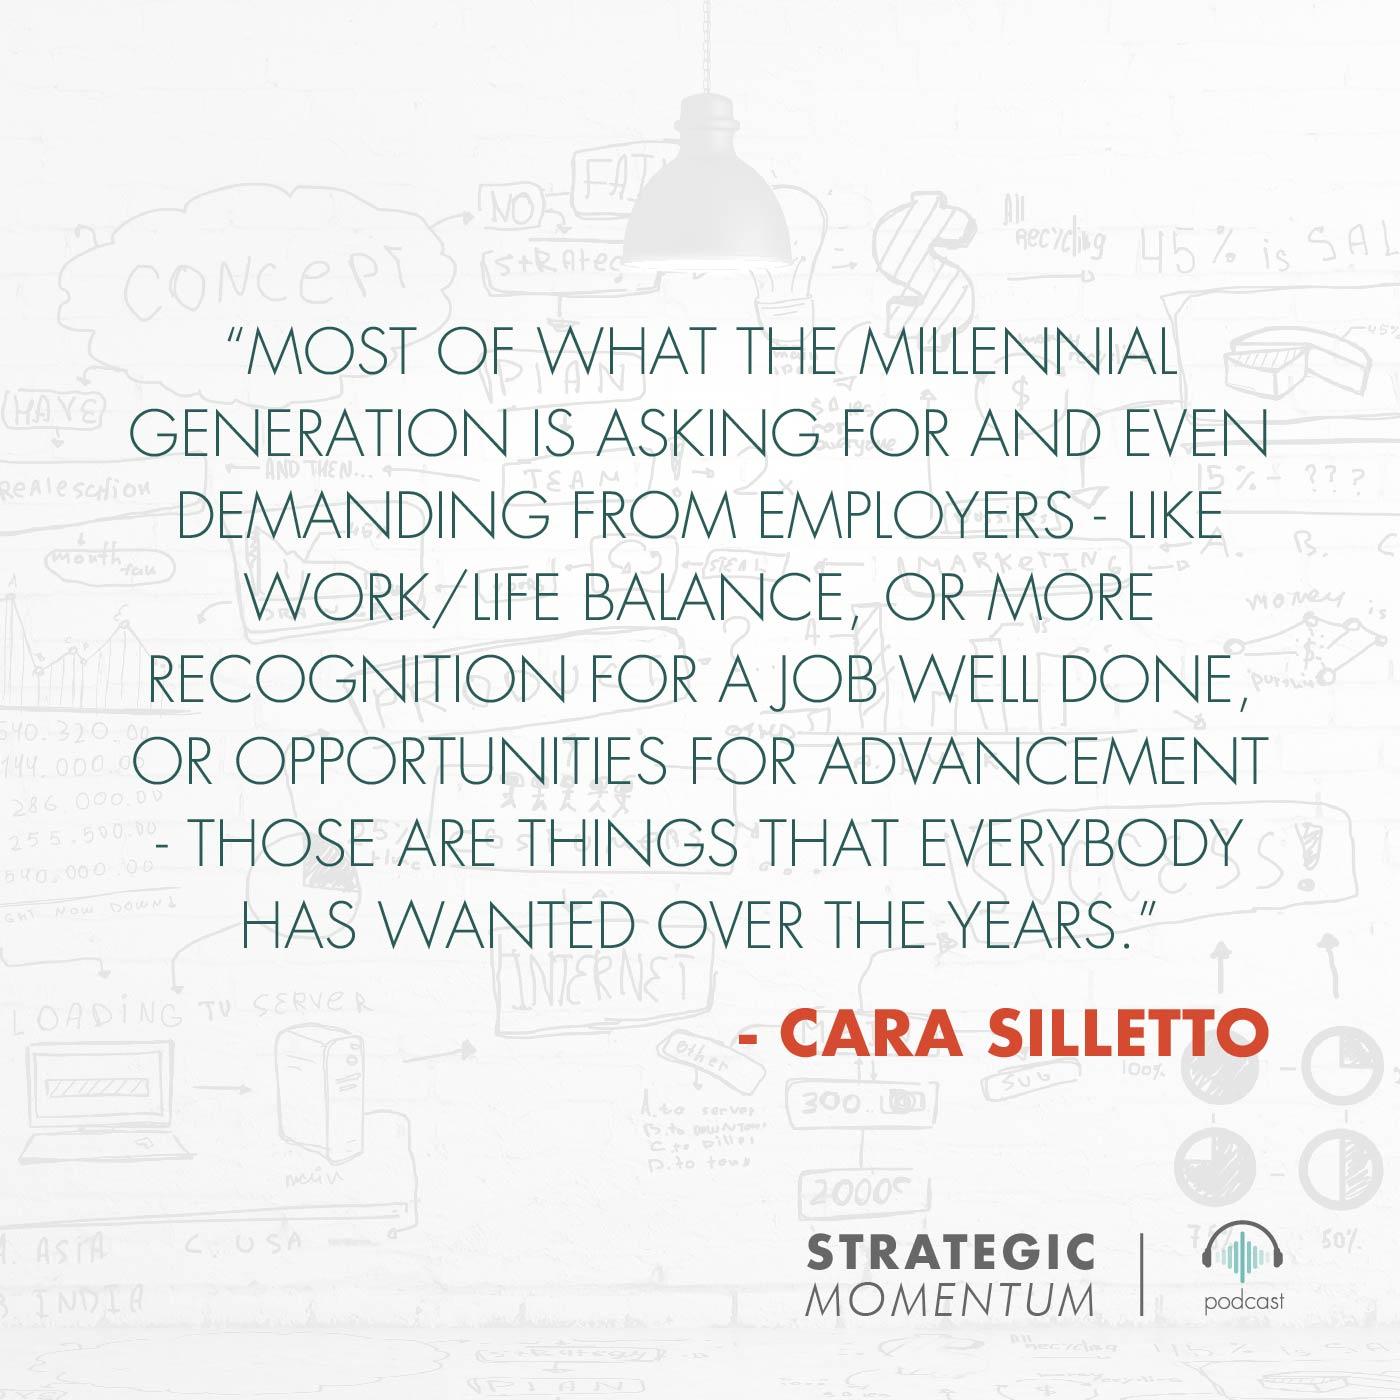 Cara Silletto Quote | Strategic Momentum Podcast